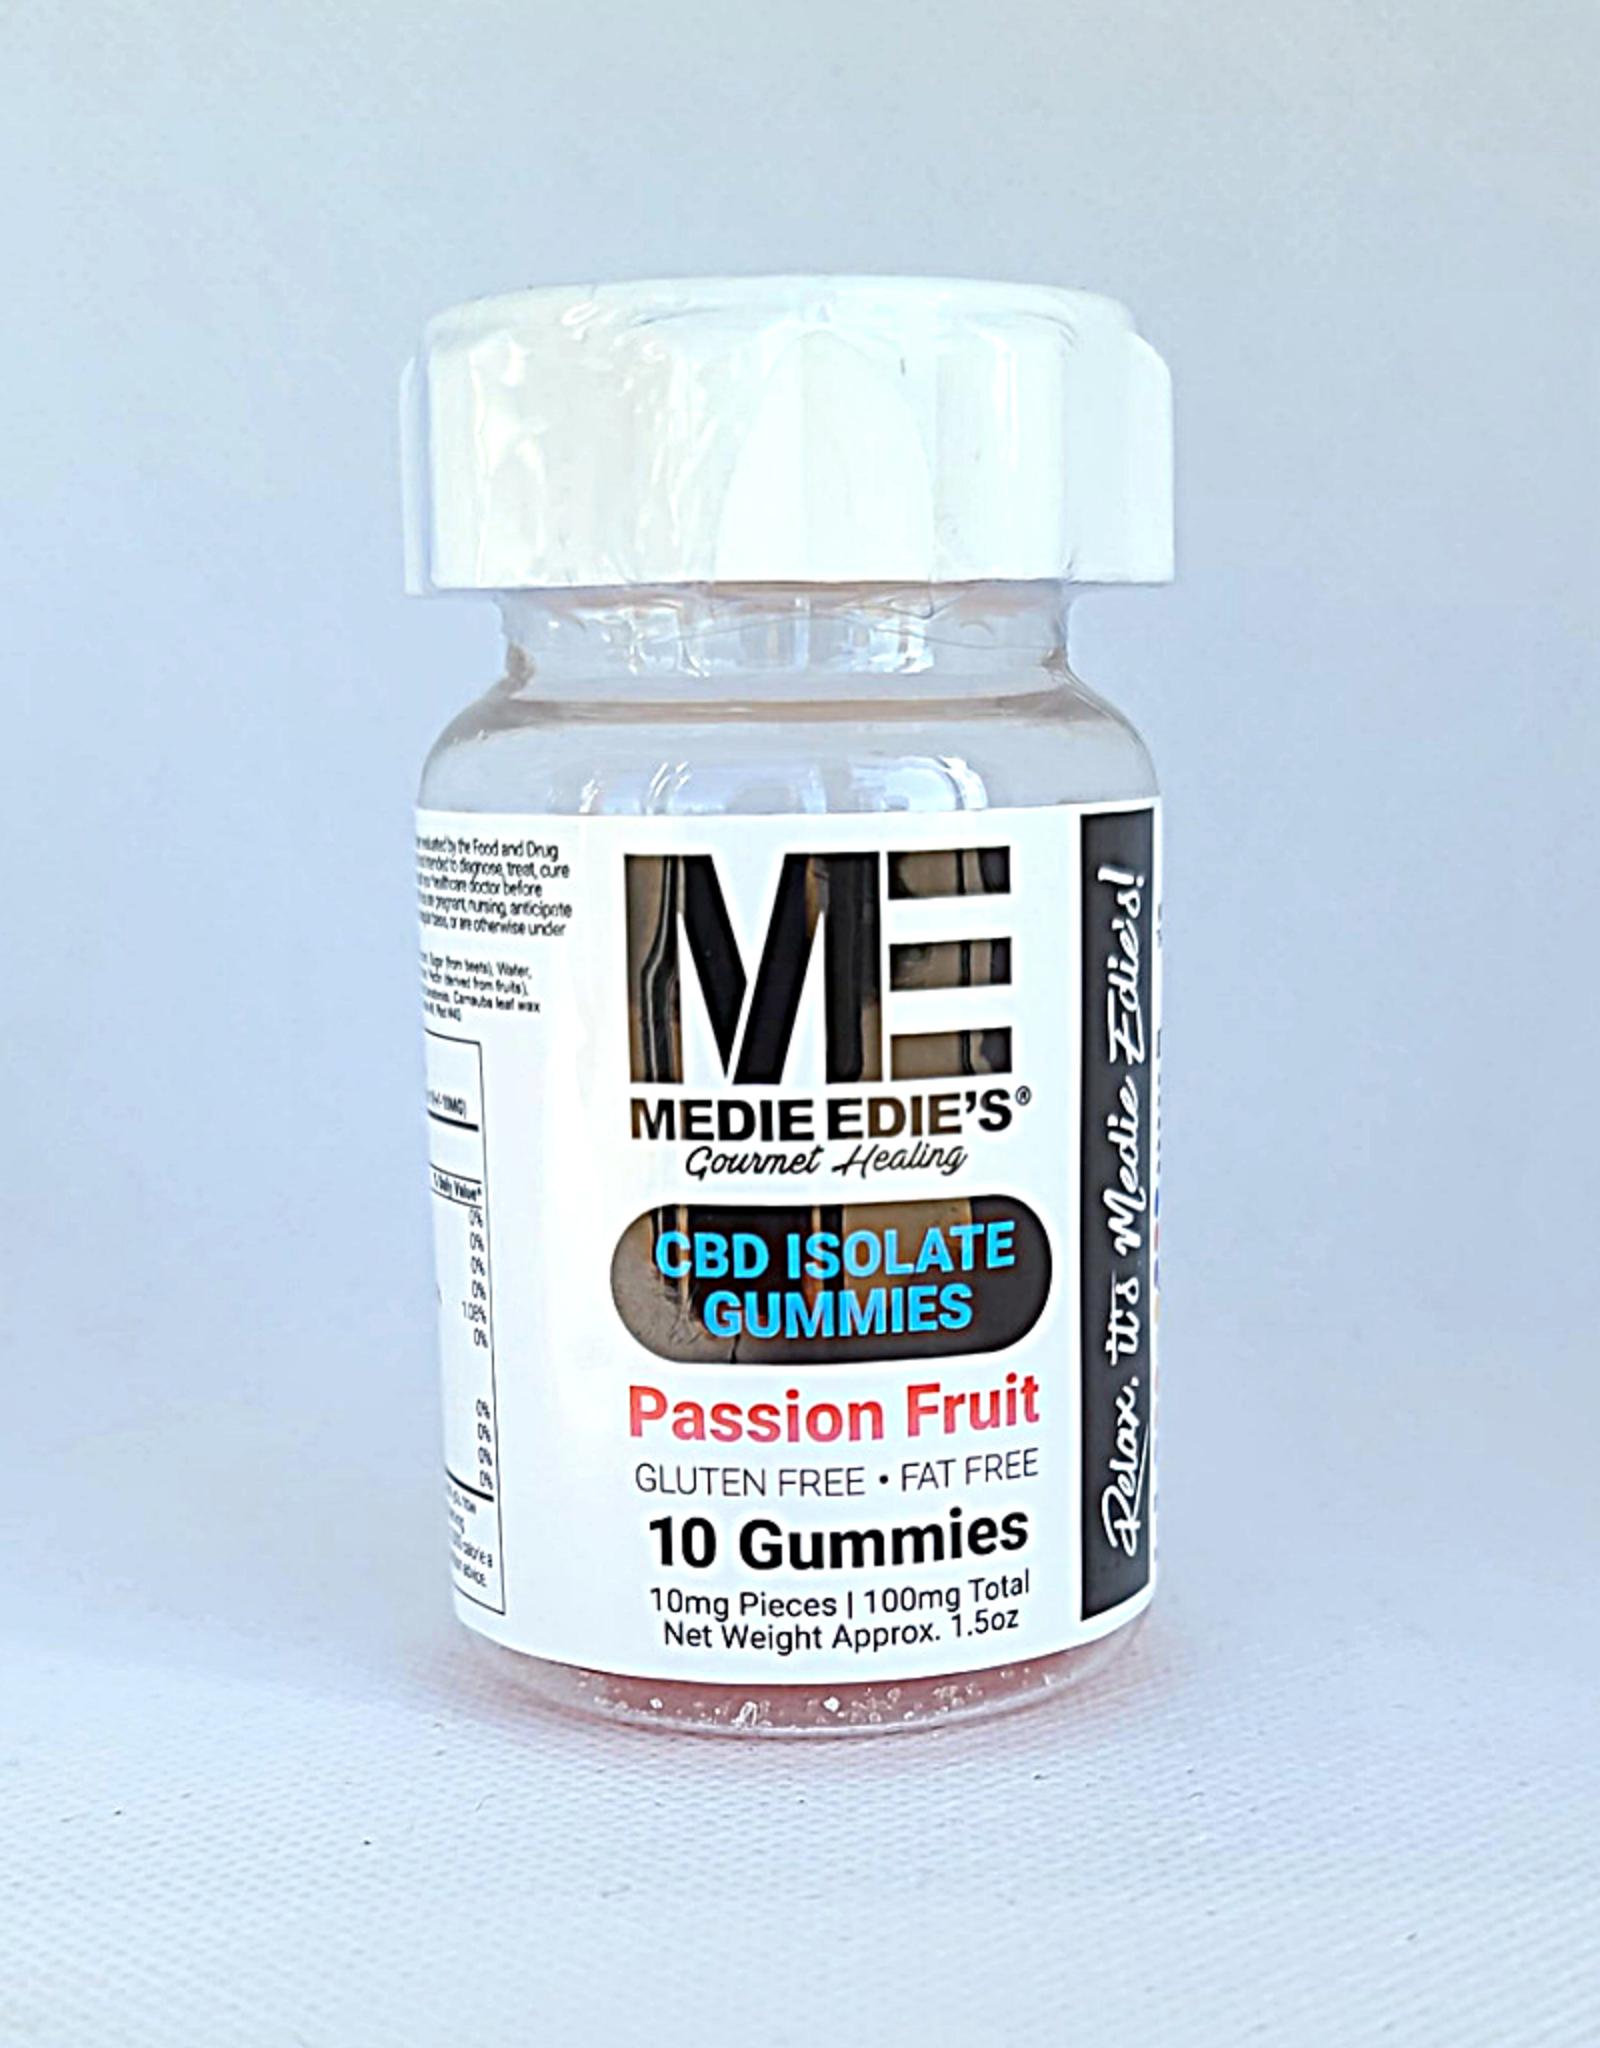 Medie Edie's Passion Fruit CBD Gummies - 10ct/10mg/100mg